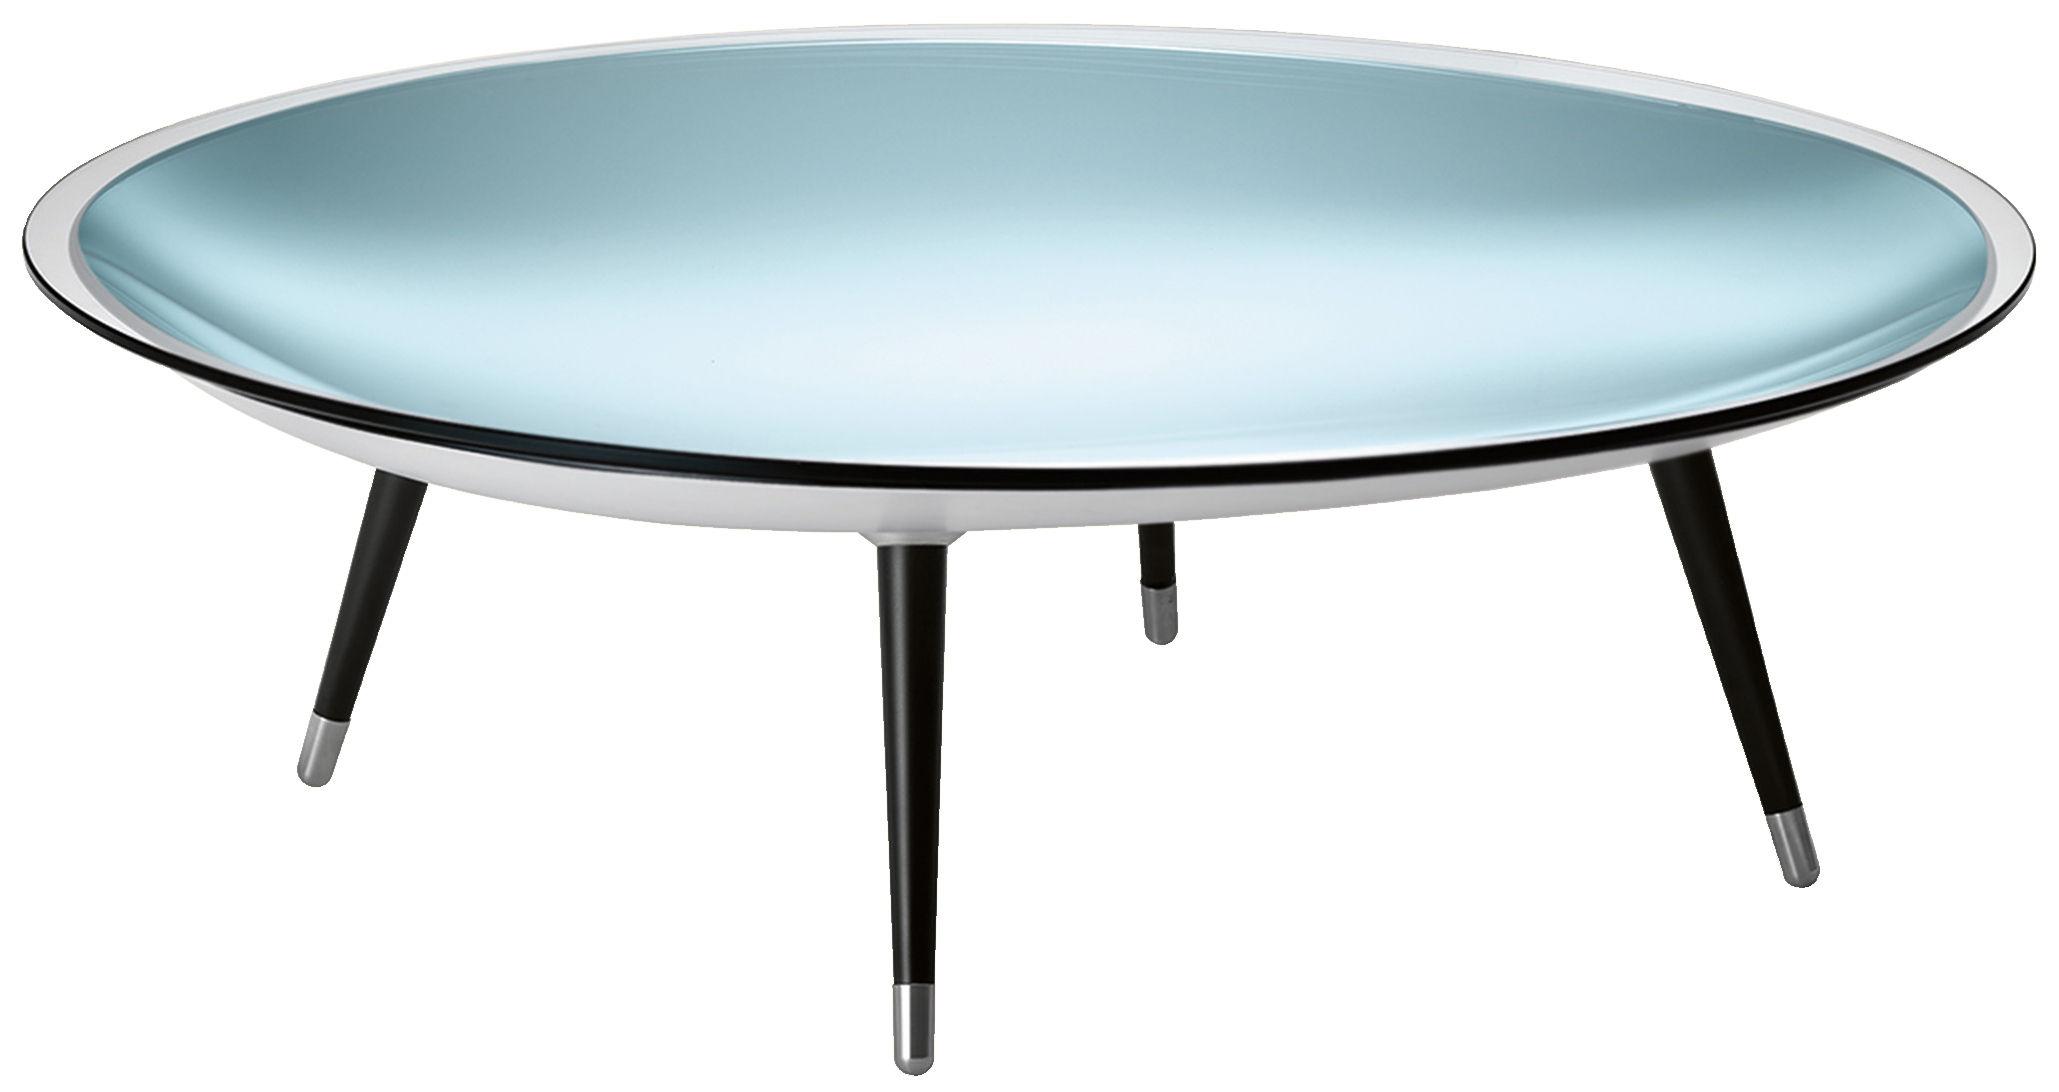 Mobilier - Tables basses - Table basse Roy / Ø 120 cm - FIAM - Plateau transparent / Base argent / Pieds noirs - Acier brossé, Verre